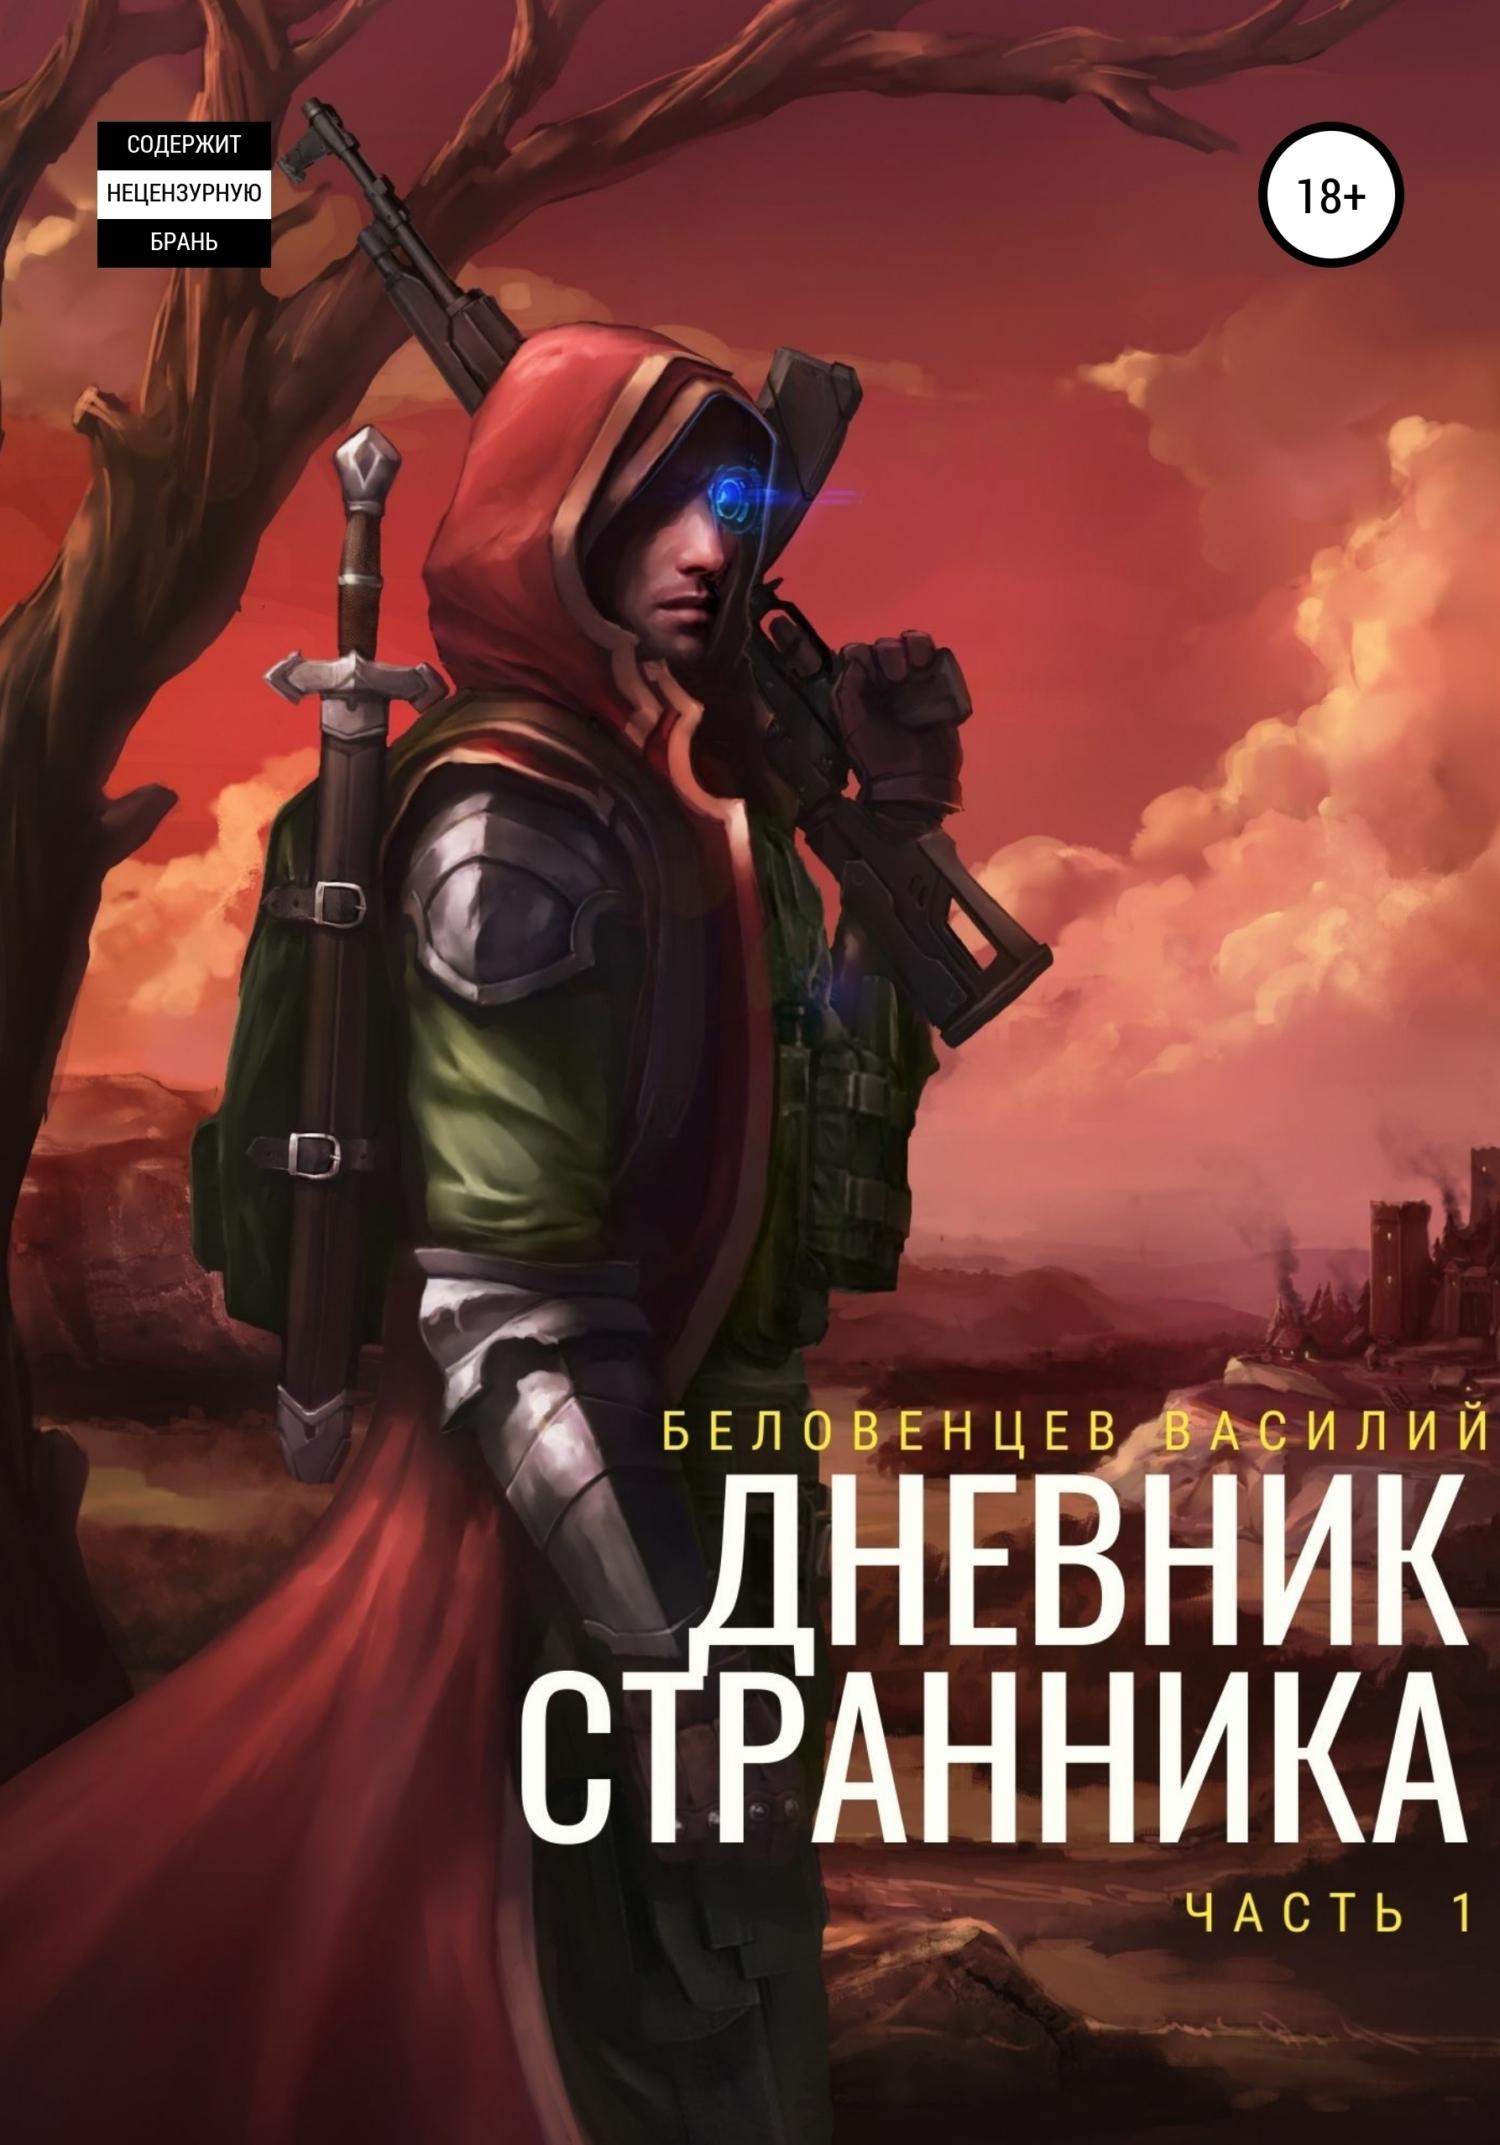 Купить книгу Дневник Странника, автора Василия Викторовича Беловенцева